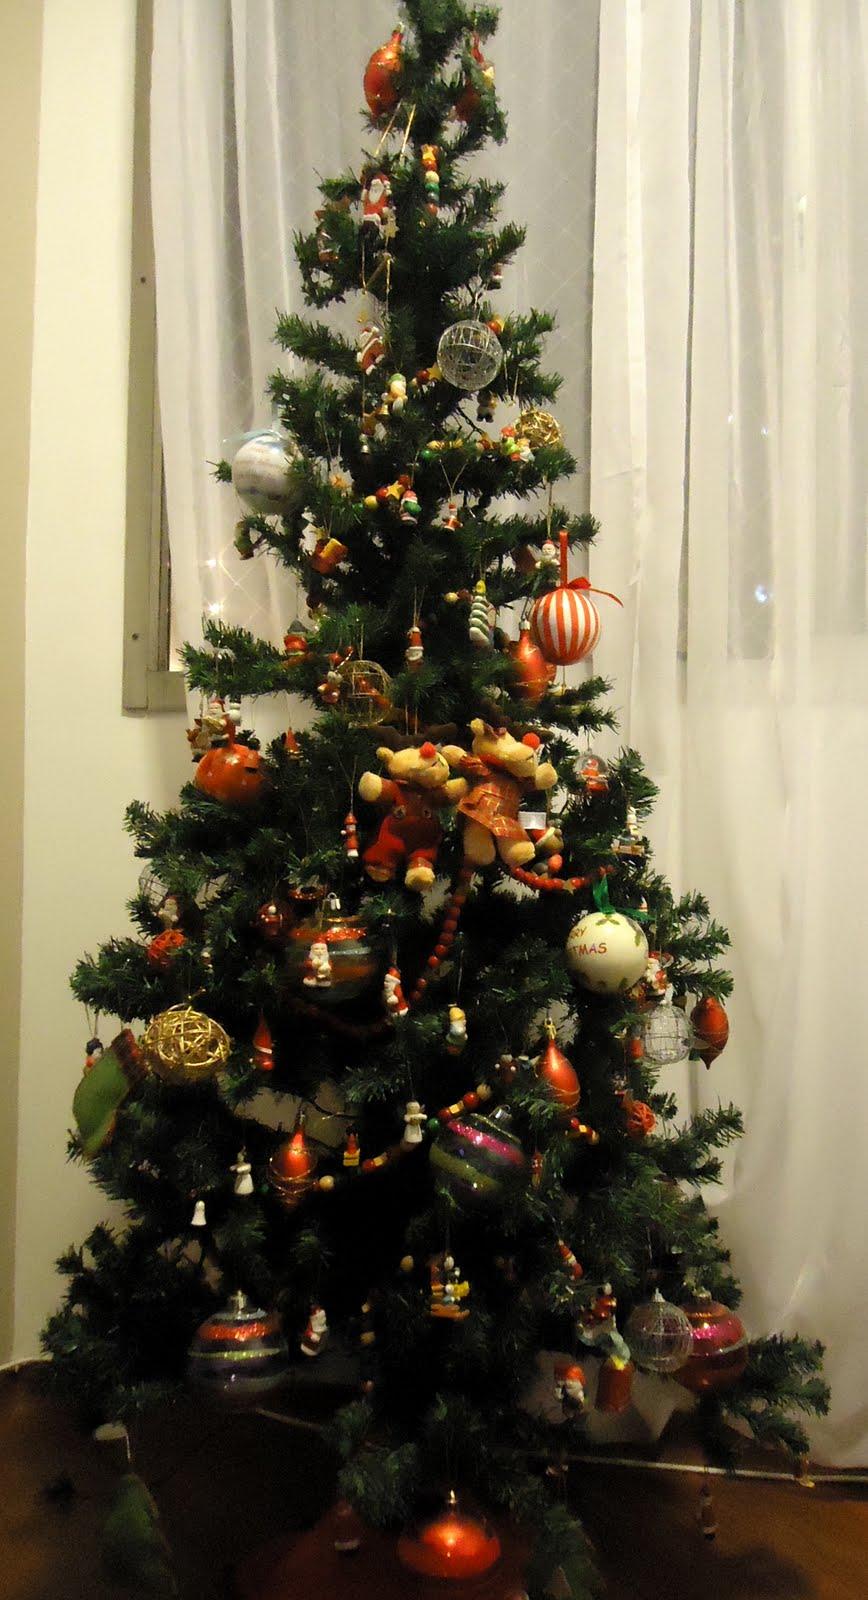 decorar arvores de natal jogos:Hora de Arrumar: Está chegando o Natal!